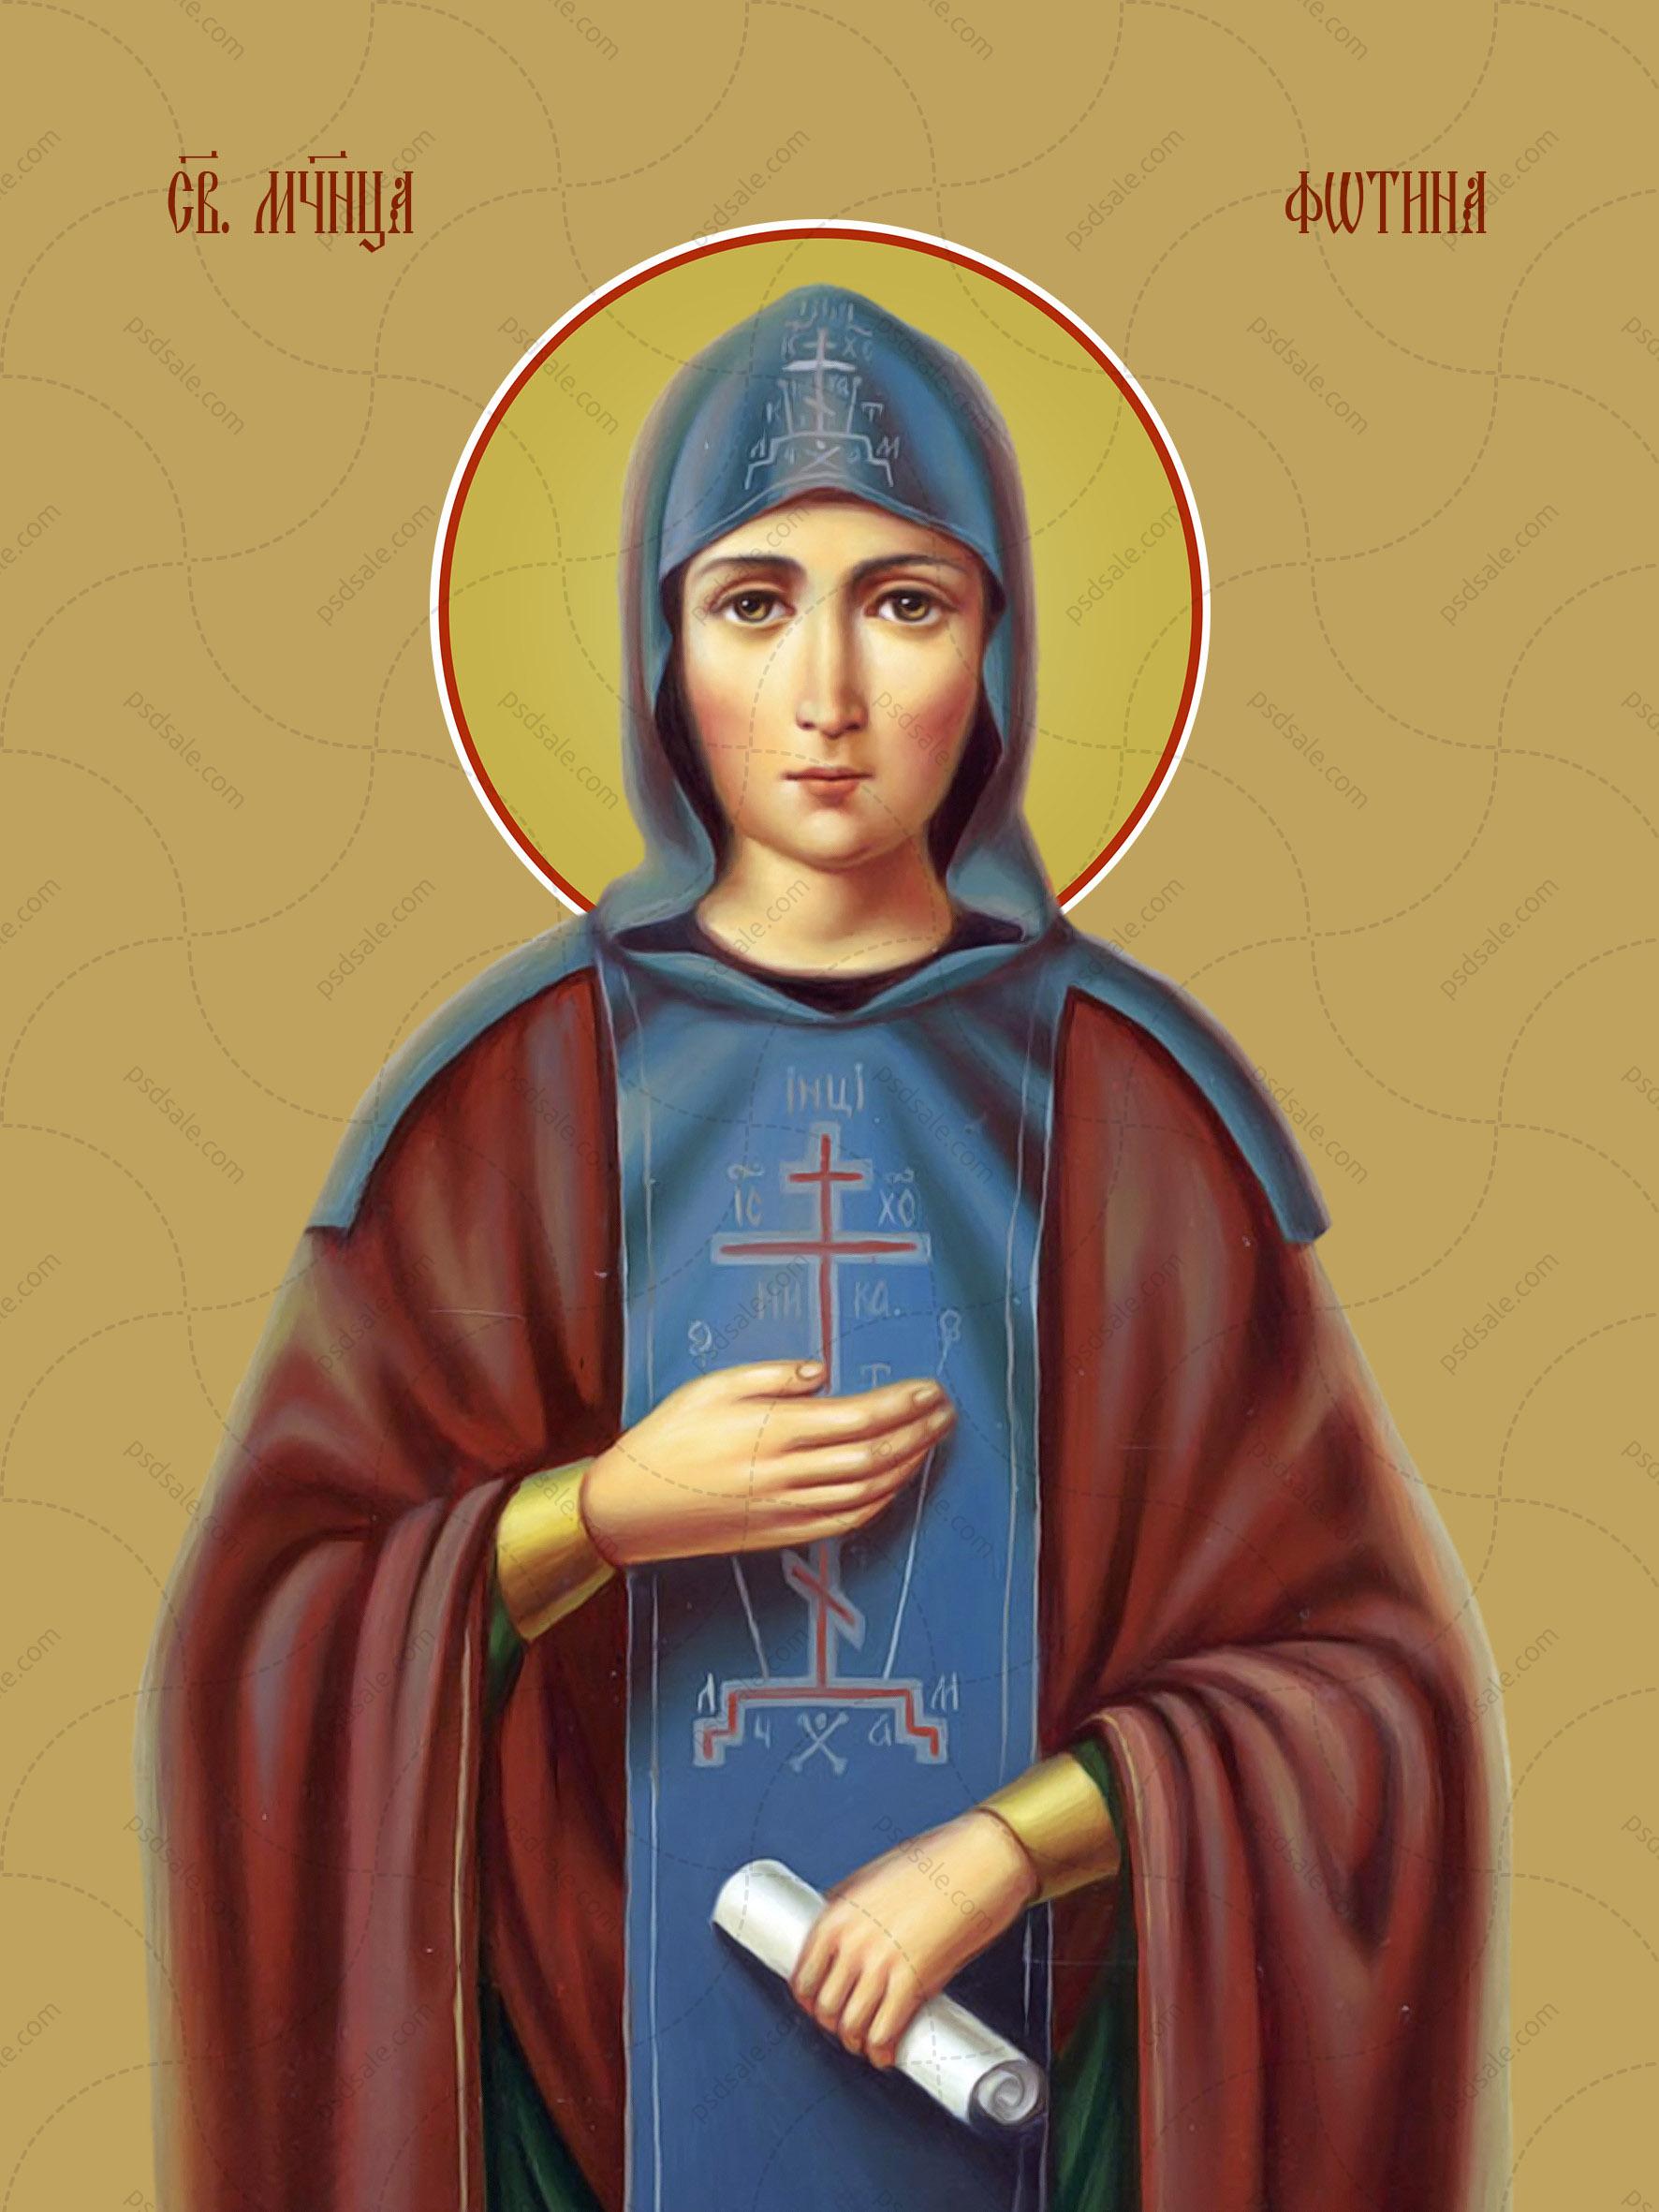 Фотина (Светлана), мученица